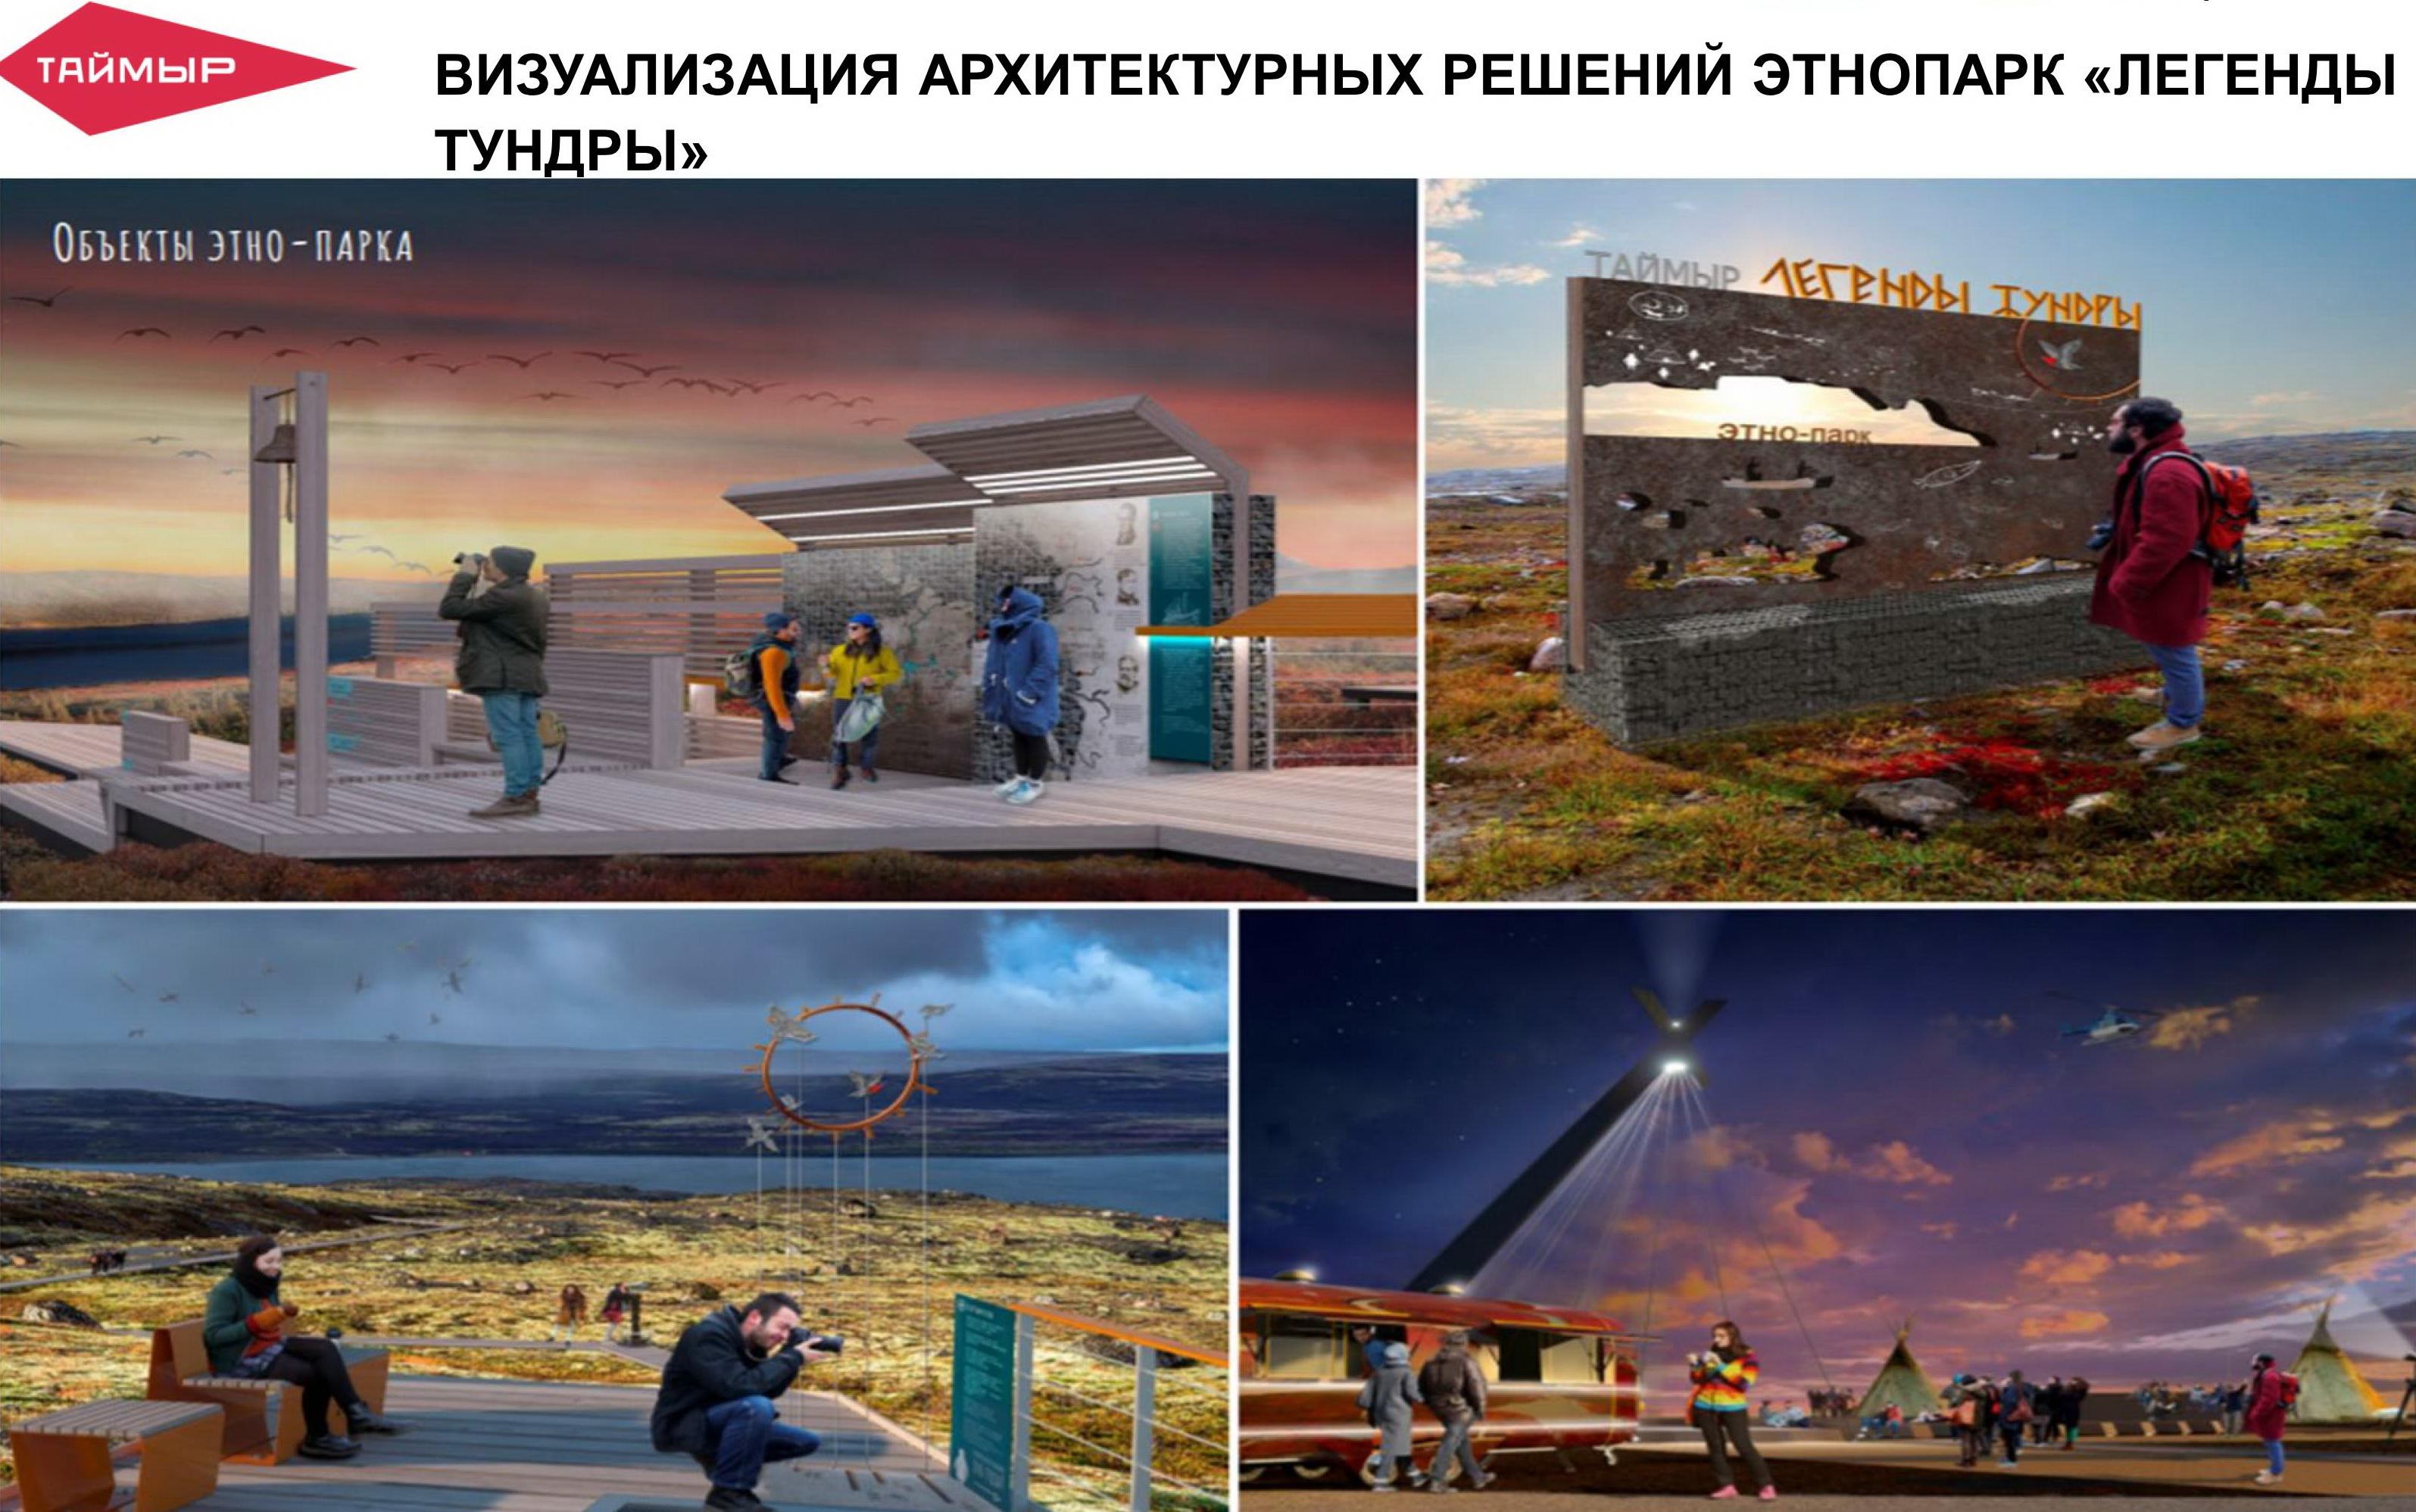 Норильск и Таймыр претендуют на звание территории перспективного развития на всероссийском уровне